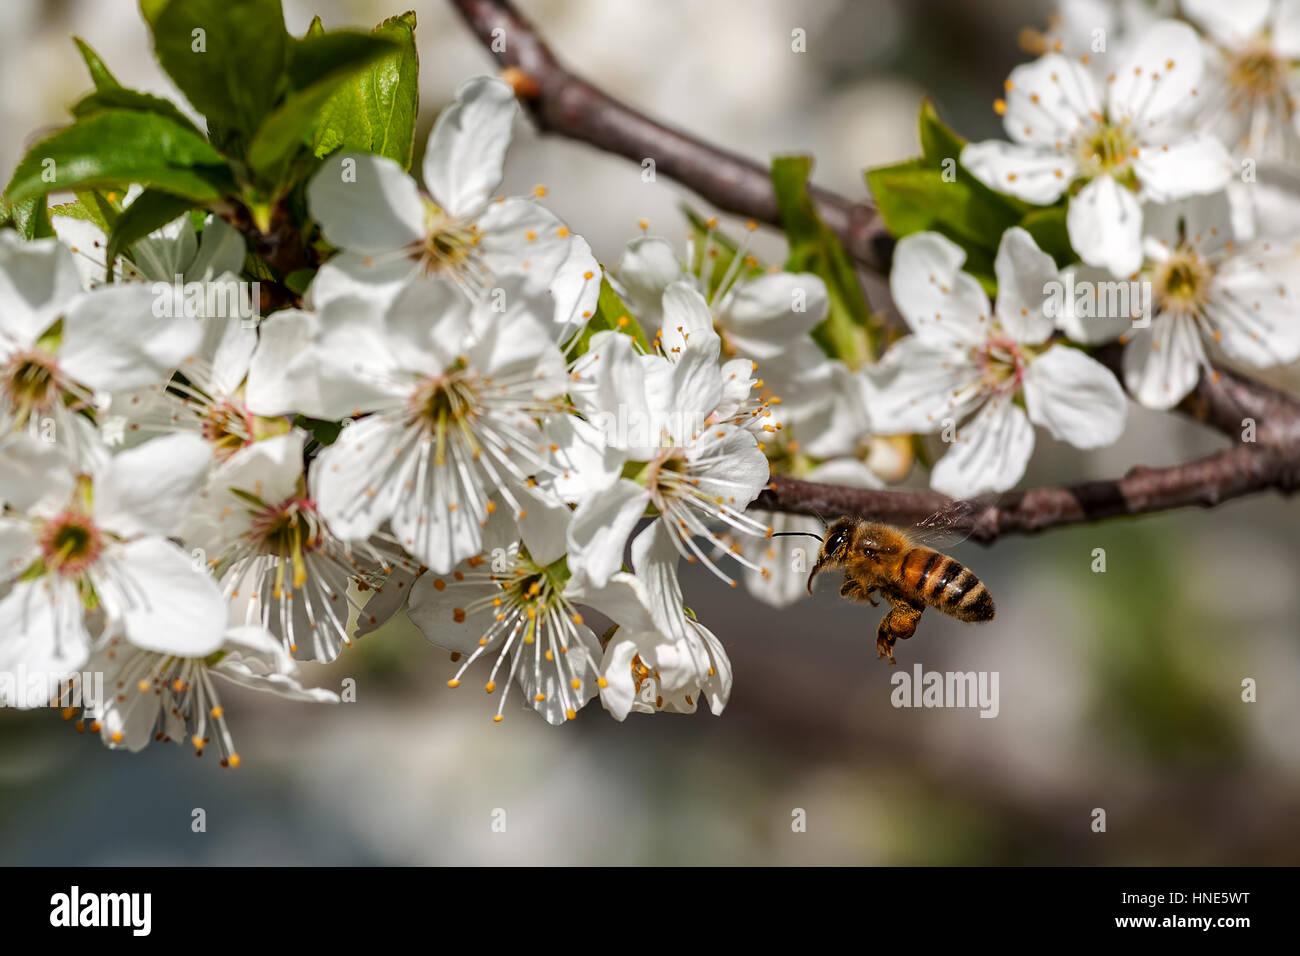 Biene fliegt in Richtung weiße Blüten auf blühenden Bäumen um Pollen zu sammeln. Stockbild